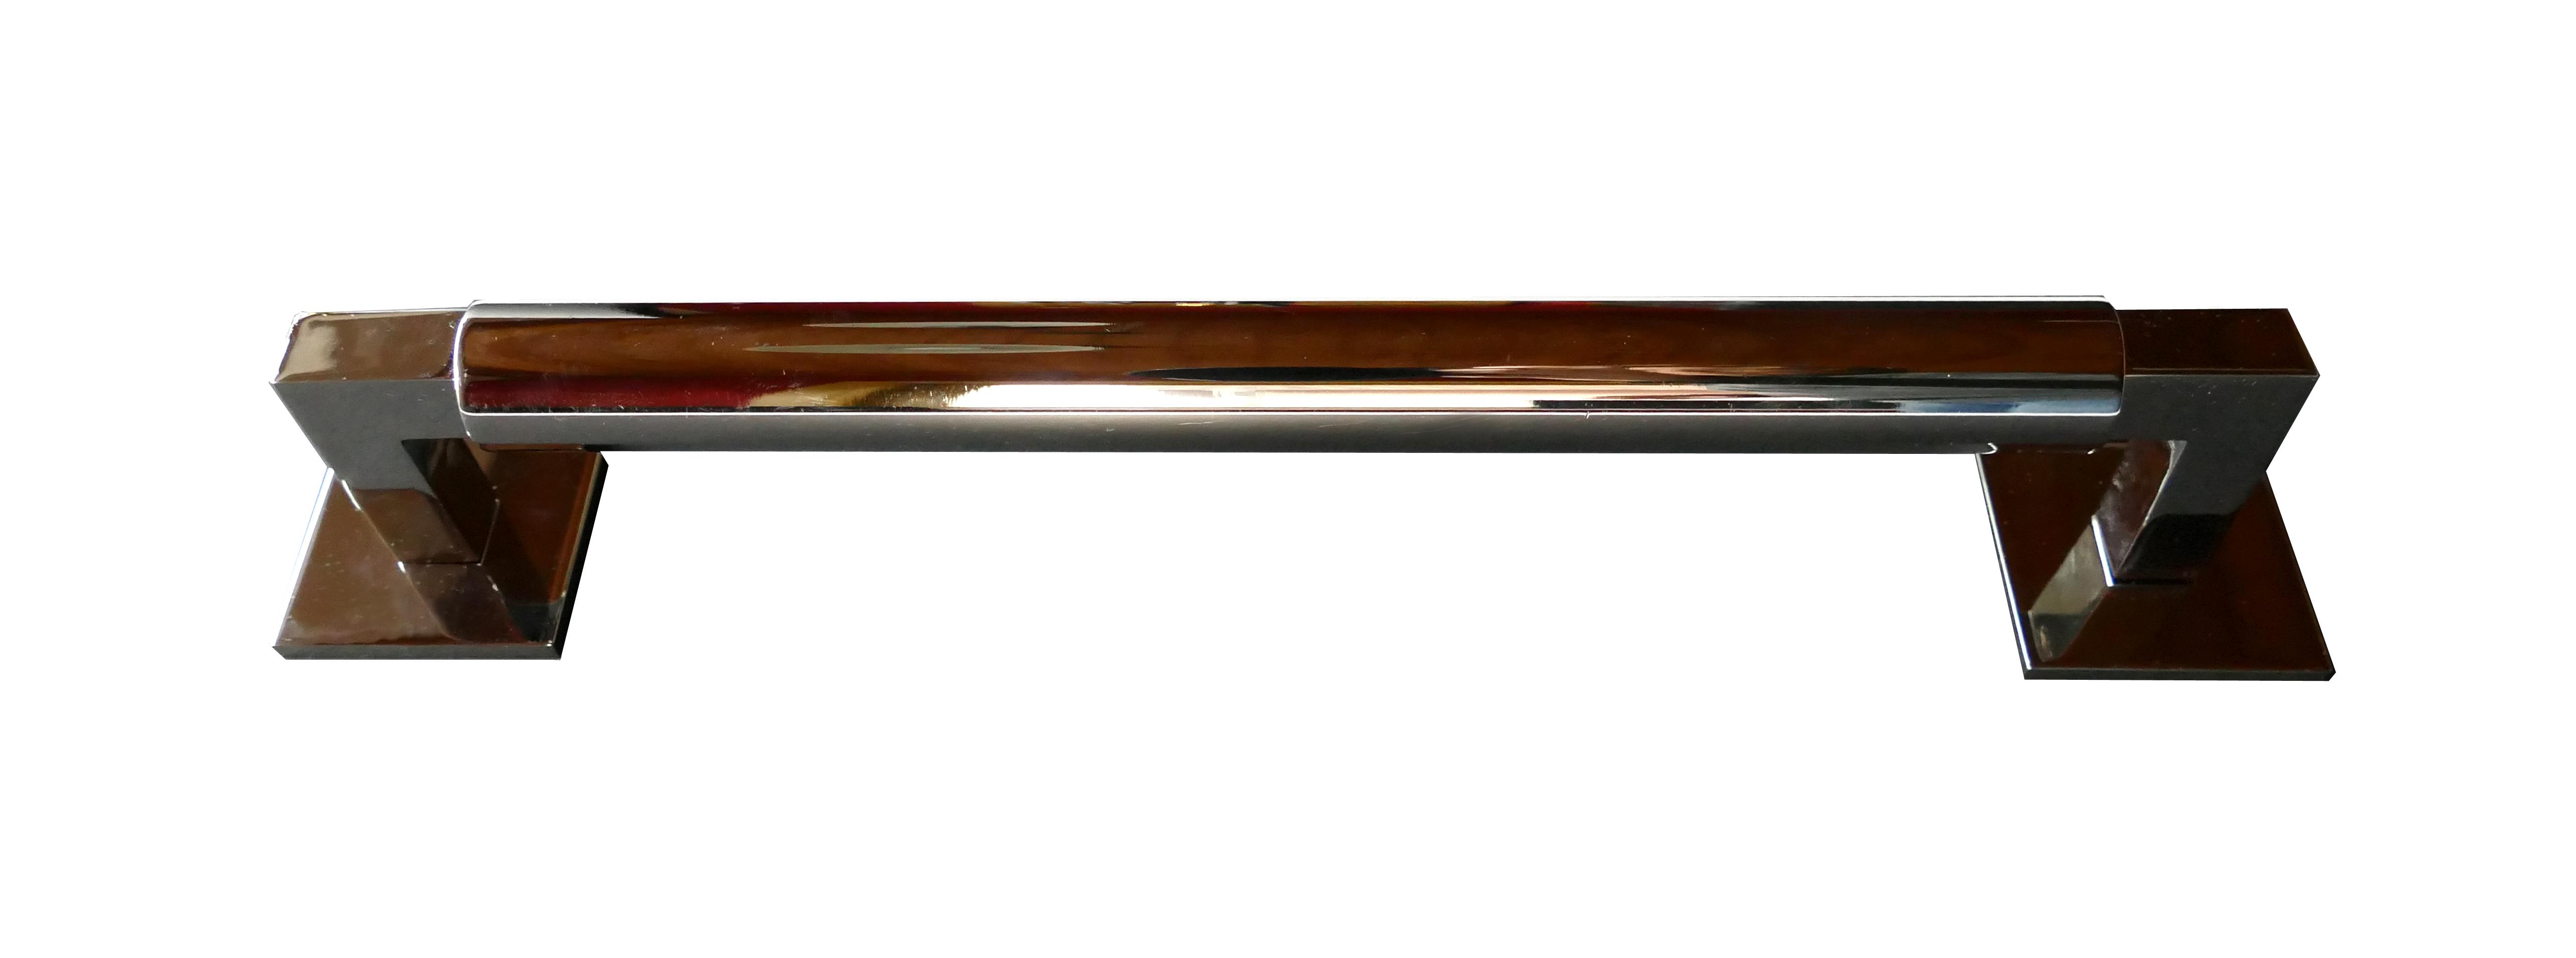 324.0021.10 Ziehgriff - antiker Türgriff, Balkongriff, Terrassentürgriff, Schiebetürgriff